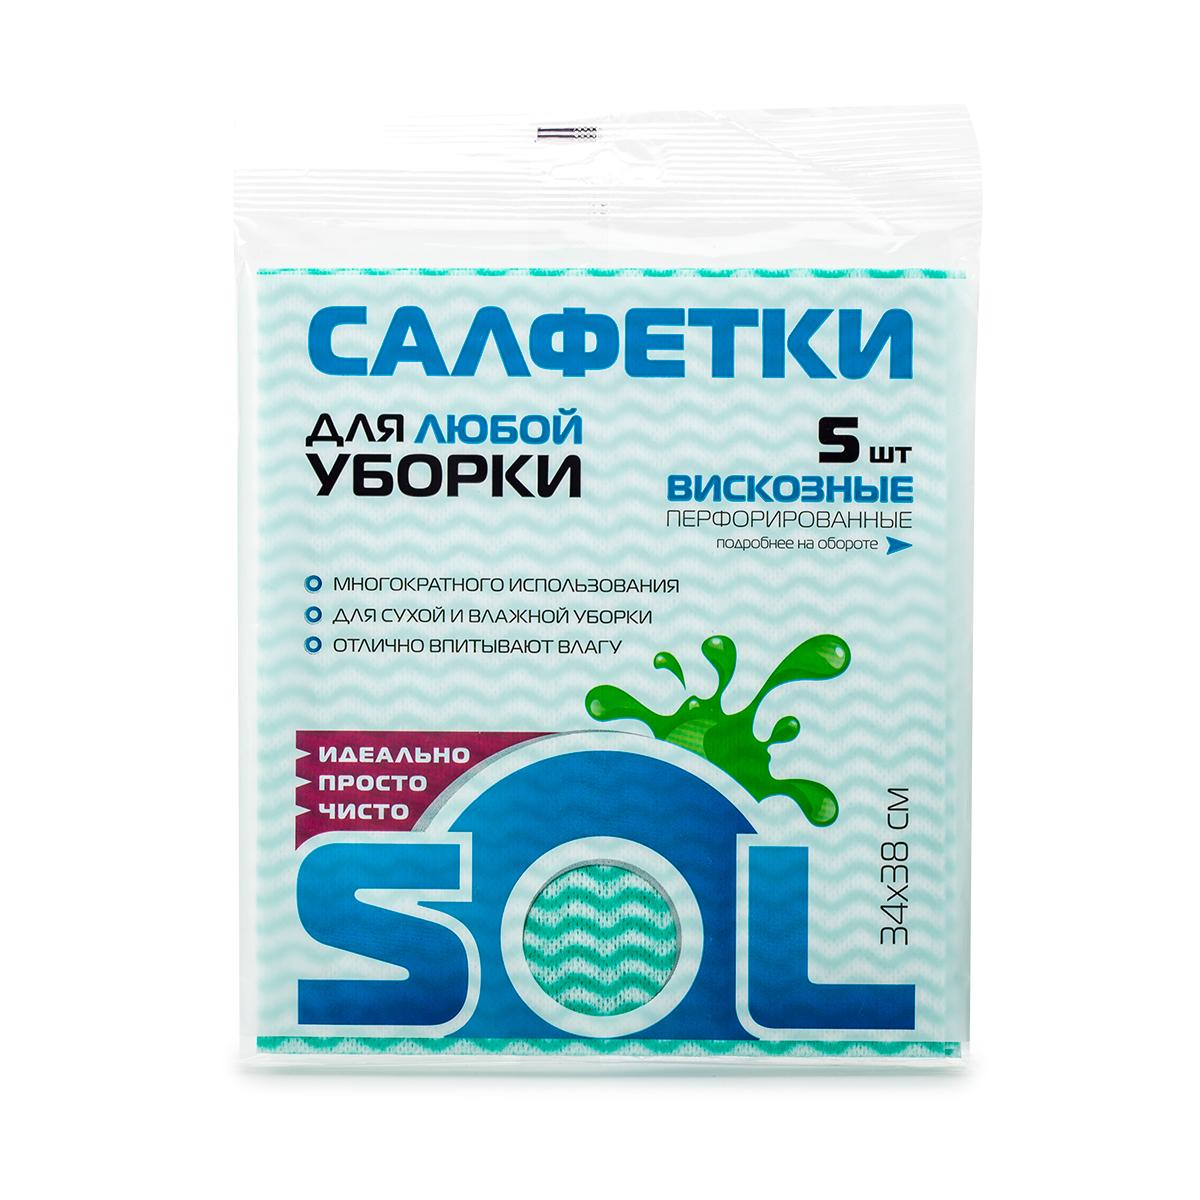 Салфетка для уборки Sol из вискозы, перфорированная, 34 x 38 см, цвет: салатовый, 5 шт10005/10053Перфорированные салфетки для уборки Sol выполнены из вискозы предназначены для уборки и могут применяться с различными моющими средствами. Благодаря перфорации изделия быстро сохнут, что позволяет избежать возникновения неприятных запахов. Отлично подходят для полировки различных поверхностей, не оставляют разводов и ворсинок.Рекомендации по уходу: Для обеспечения гигиеничности уборки после применения прополоскать в теплой воде.Для продления срока службы не применять машинную стирку, не гладить и не кипятить.